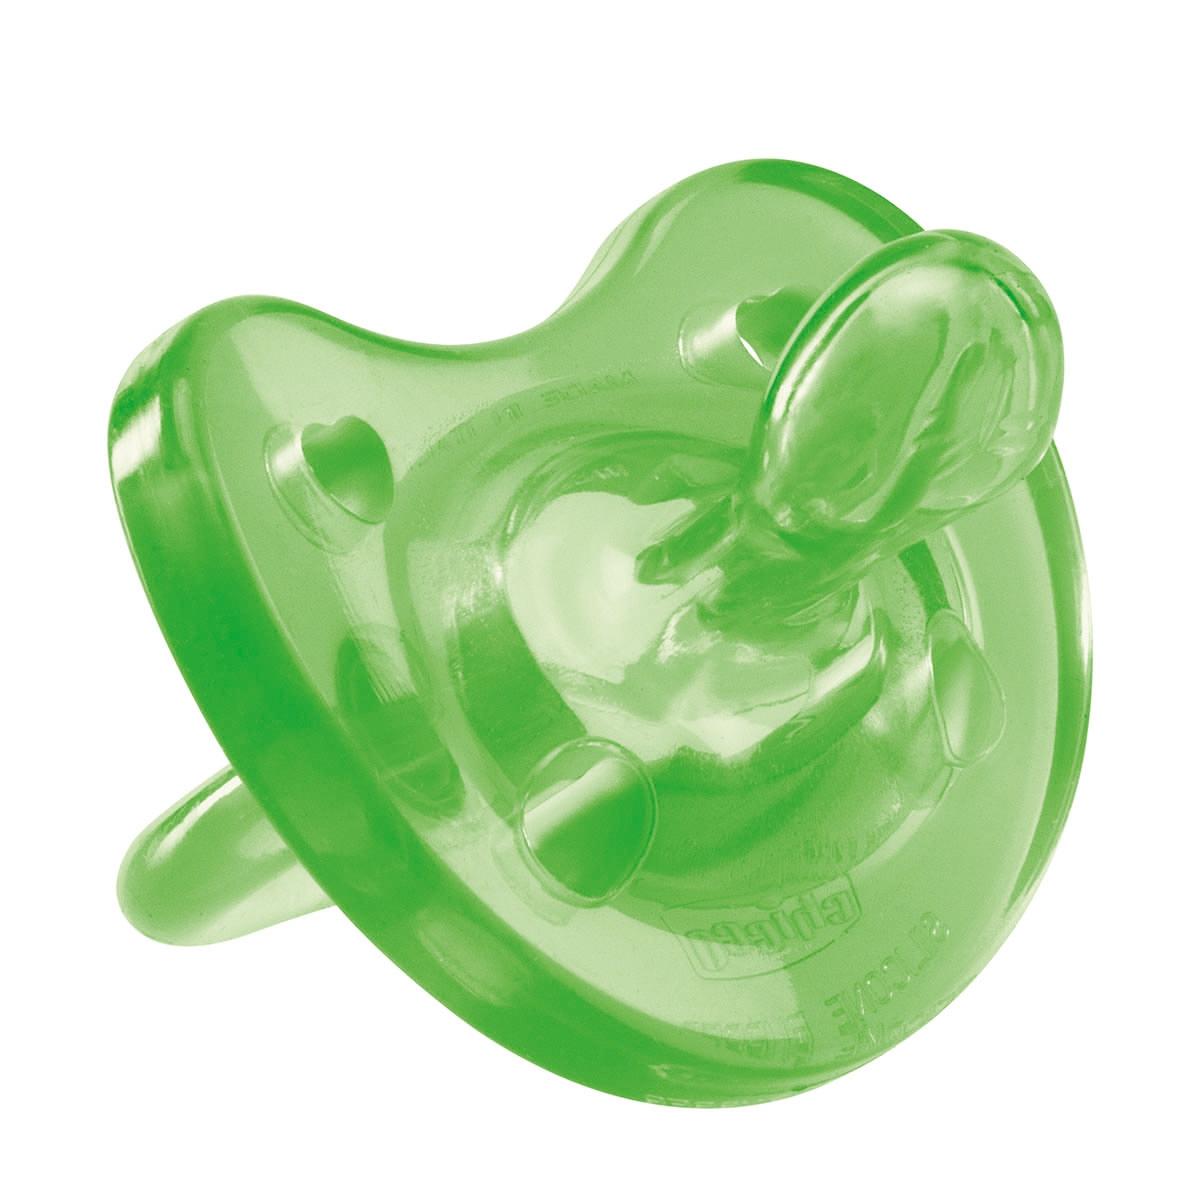 Chicco Пустышка Physio Soft силиконовая цвет зеленый от 1 года